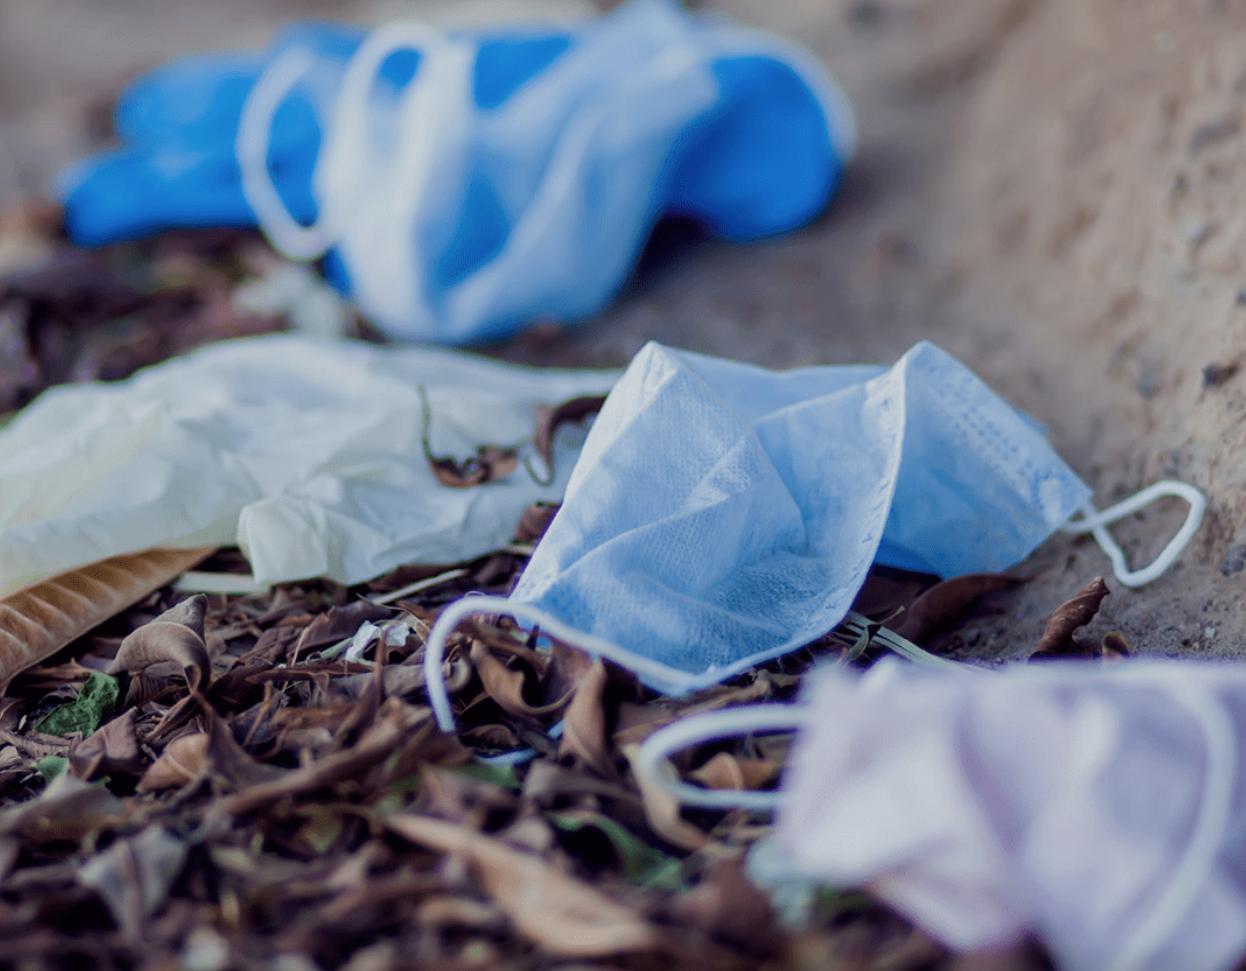 Proste triki, dzięki którym zużyte maseczki będą mniej szkodliwe dla środowiska!